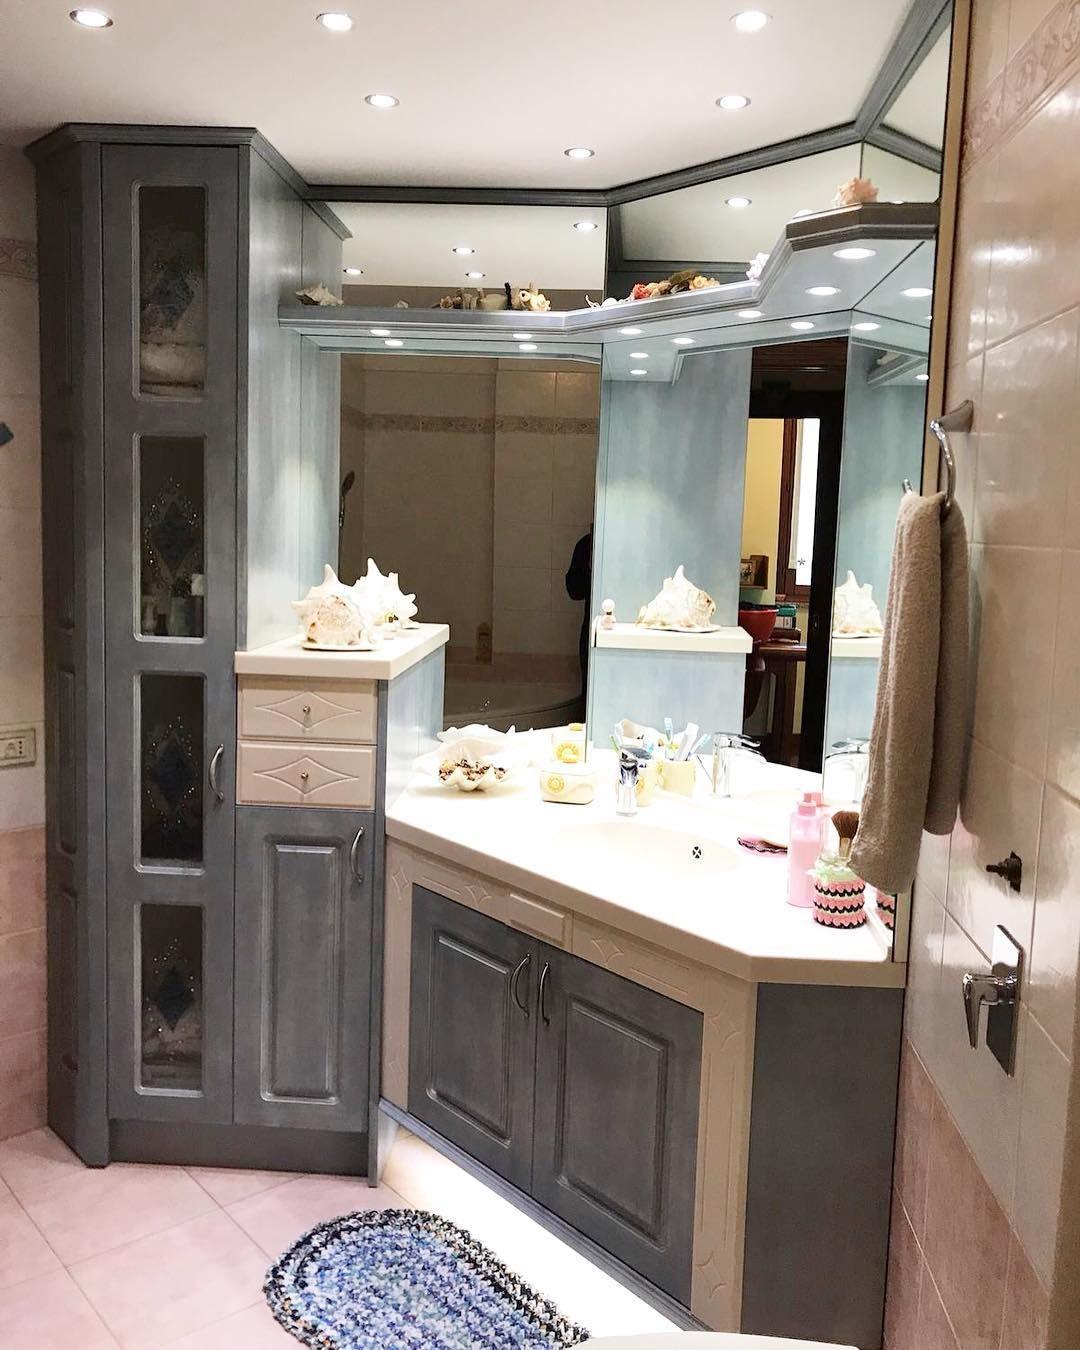 Arredo Bagno Classico Sospeso.New The 10 Best Home Decor With Pictures Arredamento Bagno In